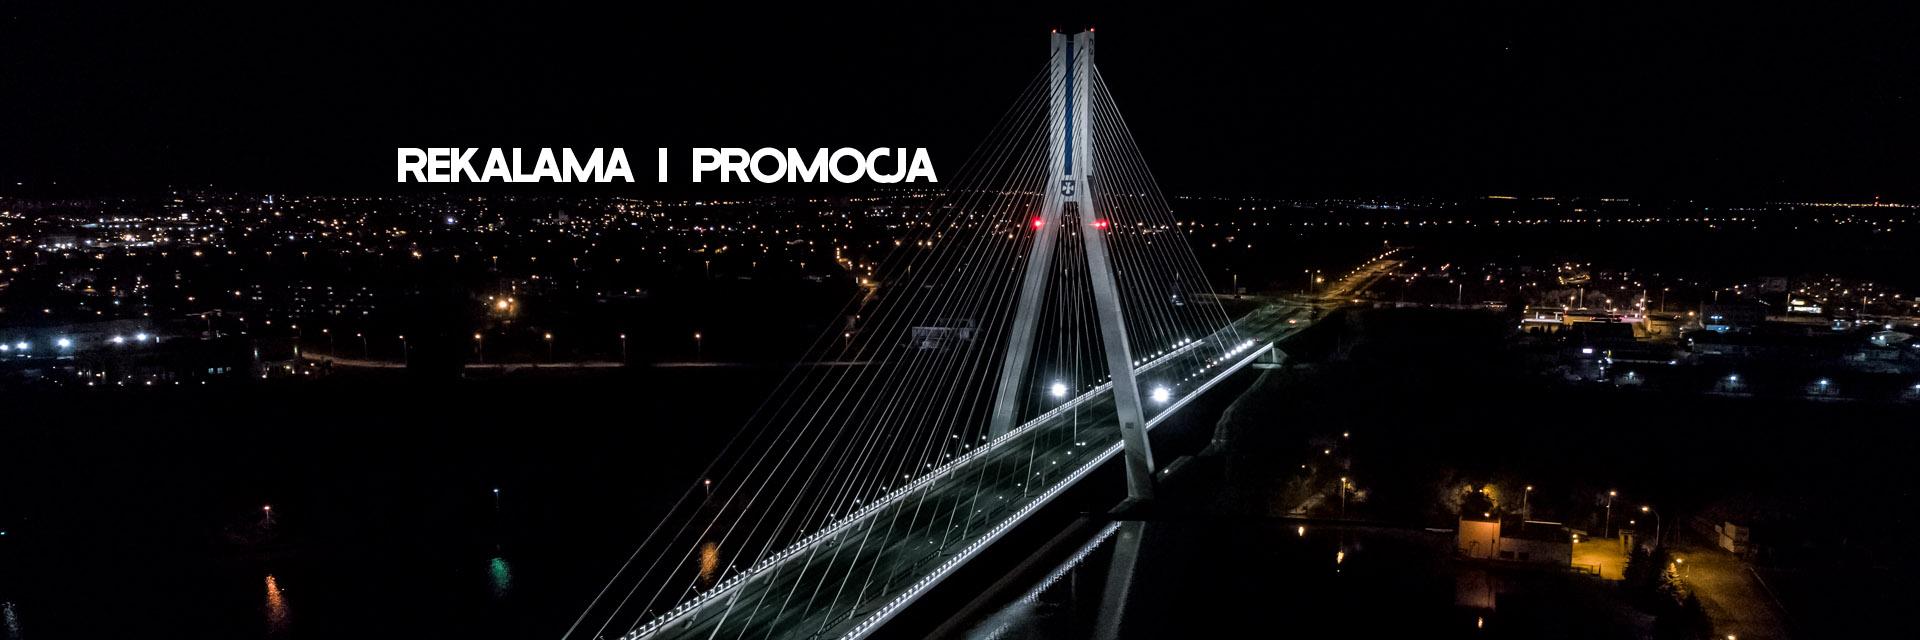 dron_rzeszów_nocą_ujęcia_reklama_film_zdjęcia_z_drona_usługi_dronem